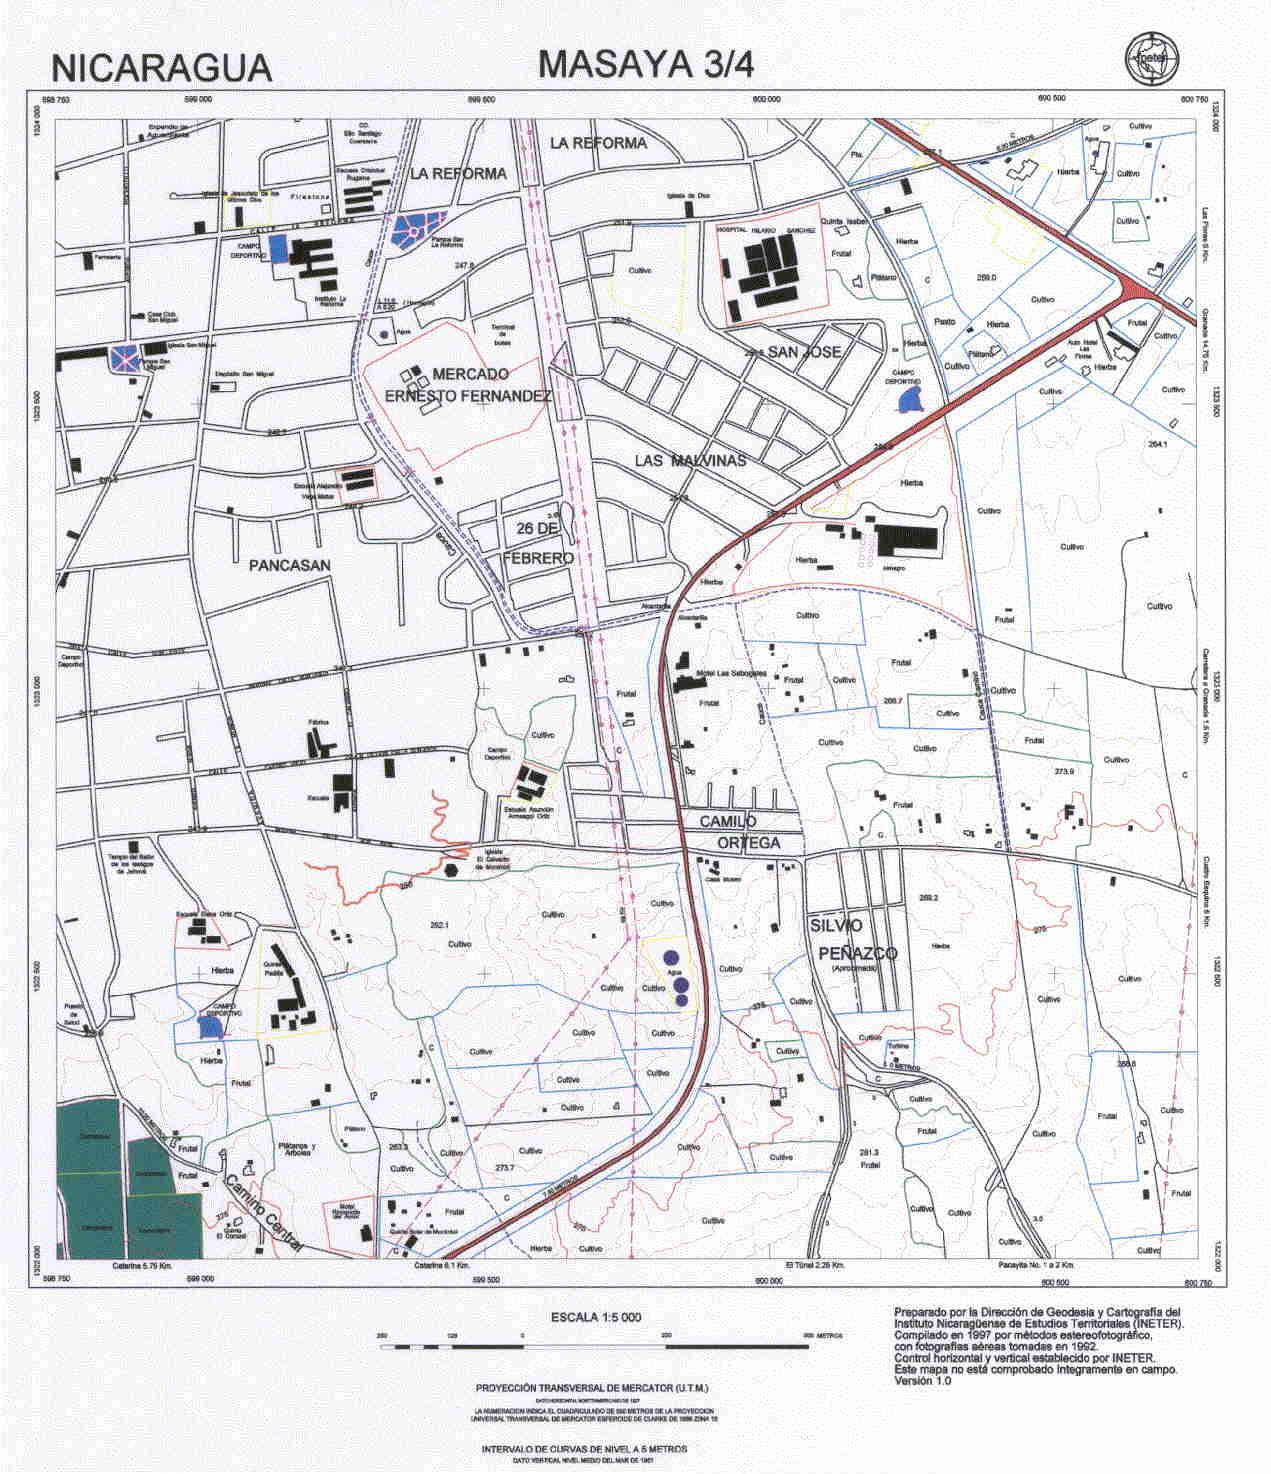 Masaya Southeast Quadrant Map, Nicaragua